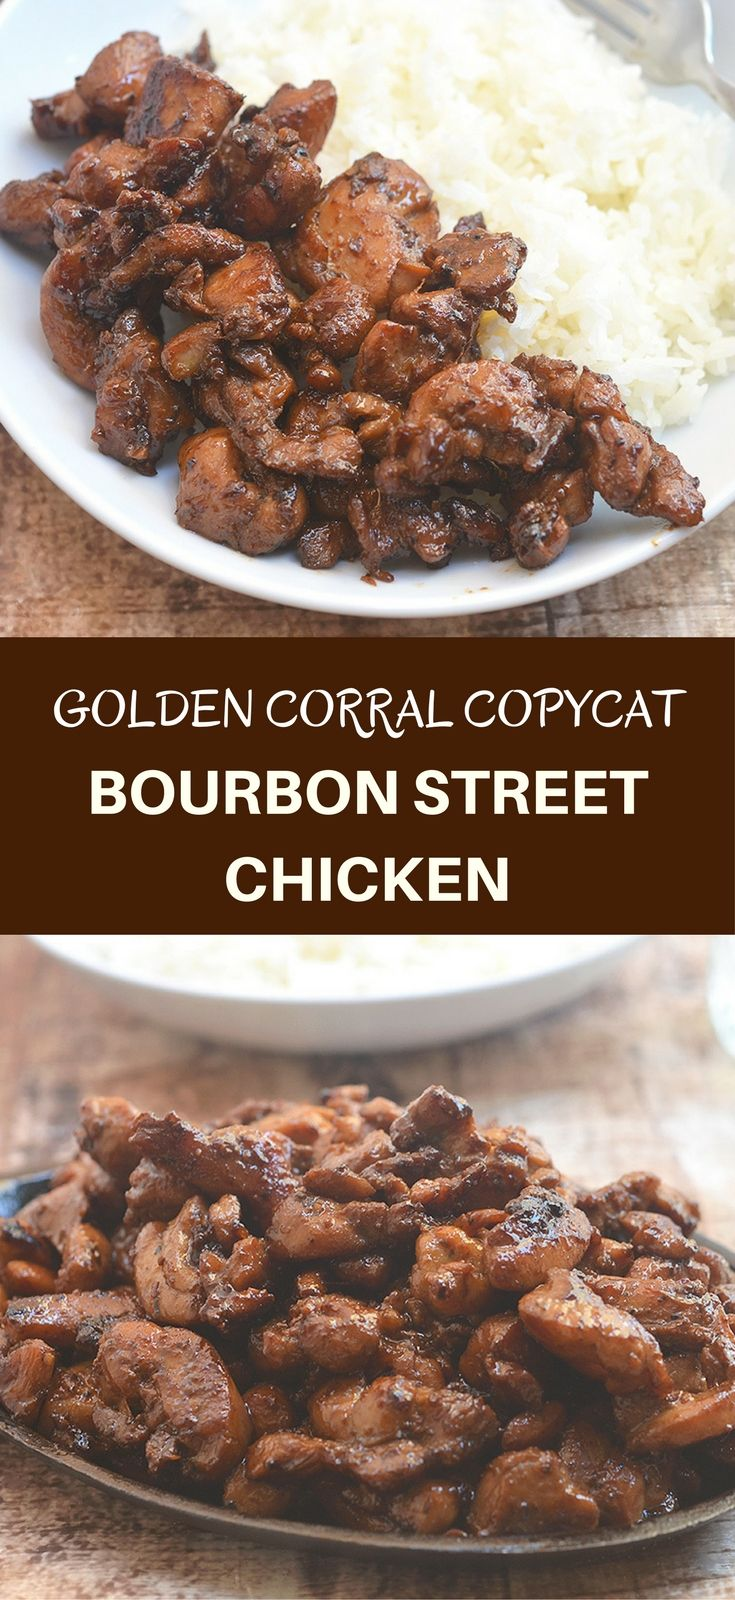 Best 25 golden corral ideas on pinterest for Bourbon street fish